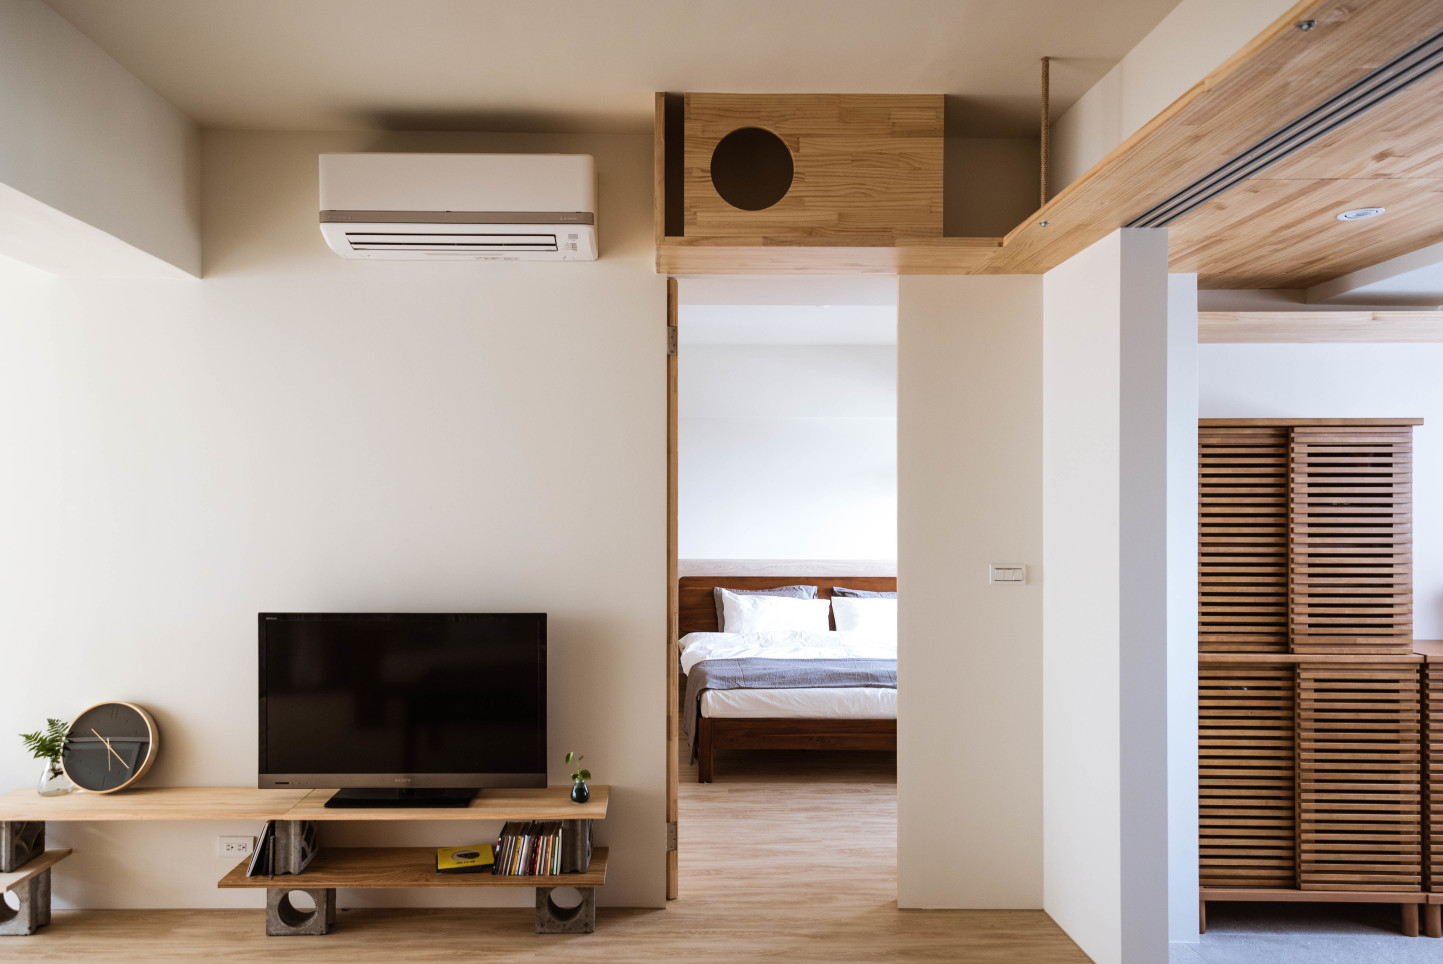 07-小福砌諮詢表單|小福砌室內設計